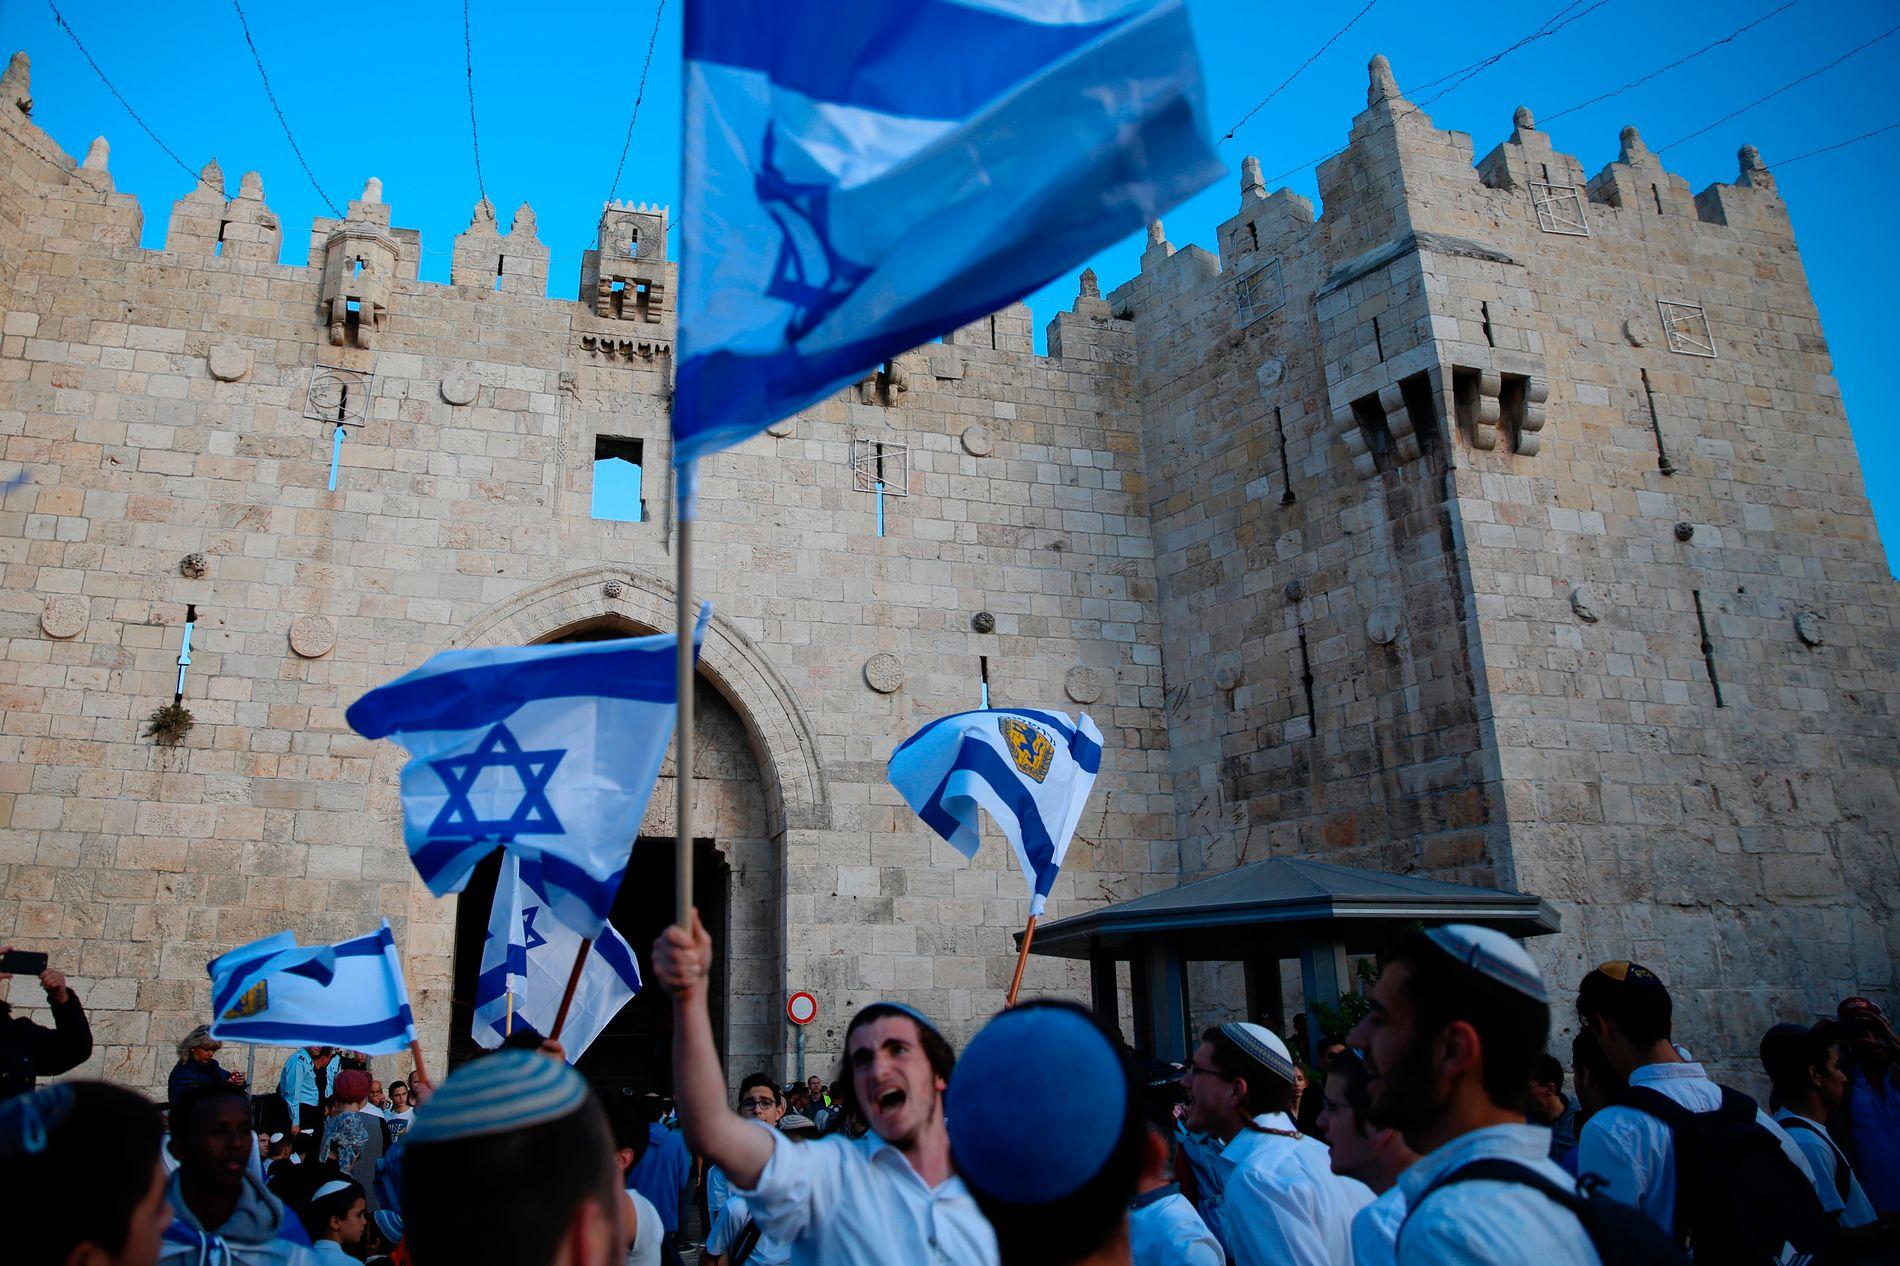 FEIRING: Mandag feiret israelerne at det var 70 år siden daværende statsminister David Ben Gurion proklamerte staten Israel. Disse israelerne feiret utenfor porten til gamlebyen i Jerusalem, en by et samlet verdenssamfunn gjentatte ganger har slått fast er ulovlig okkupert.